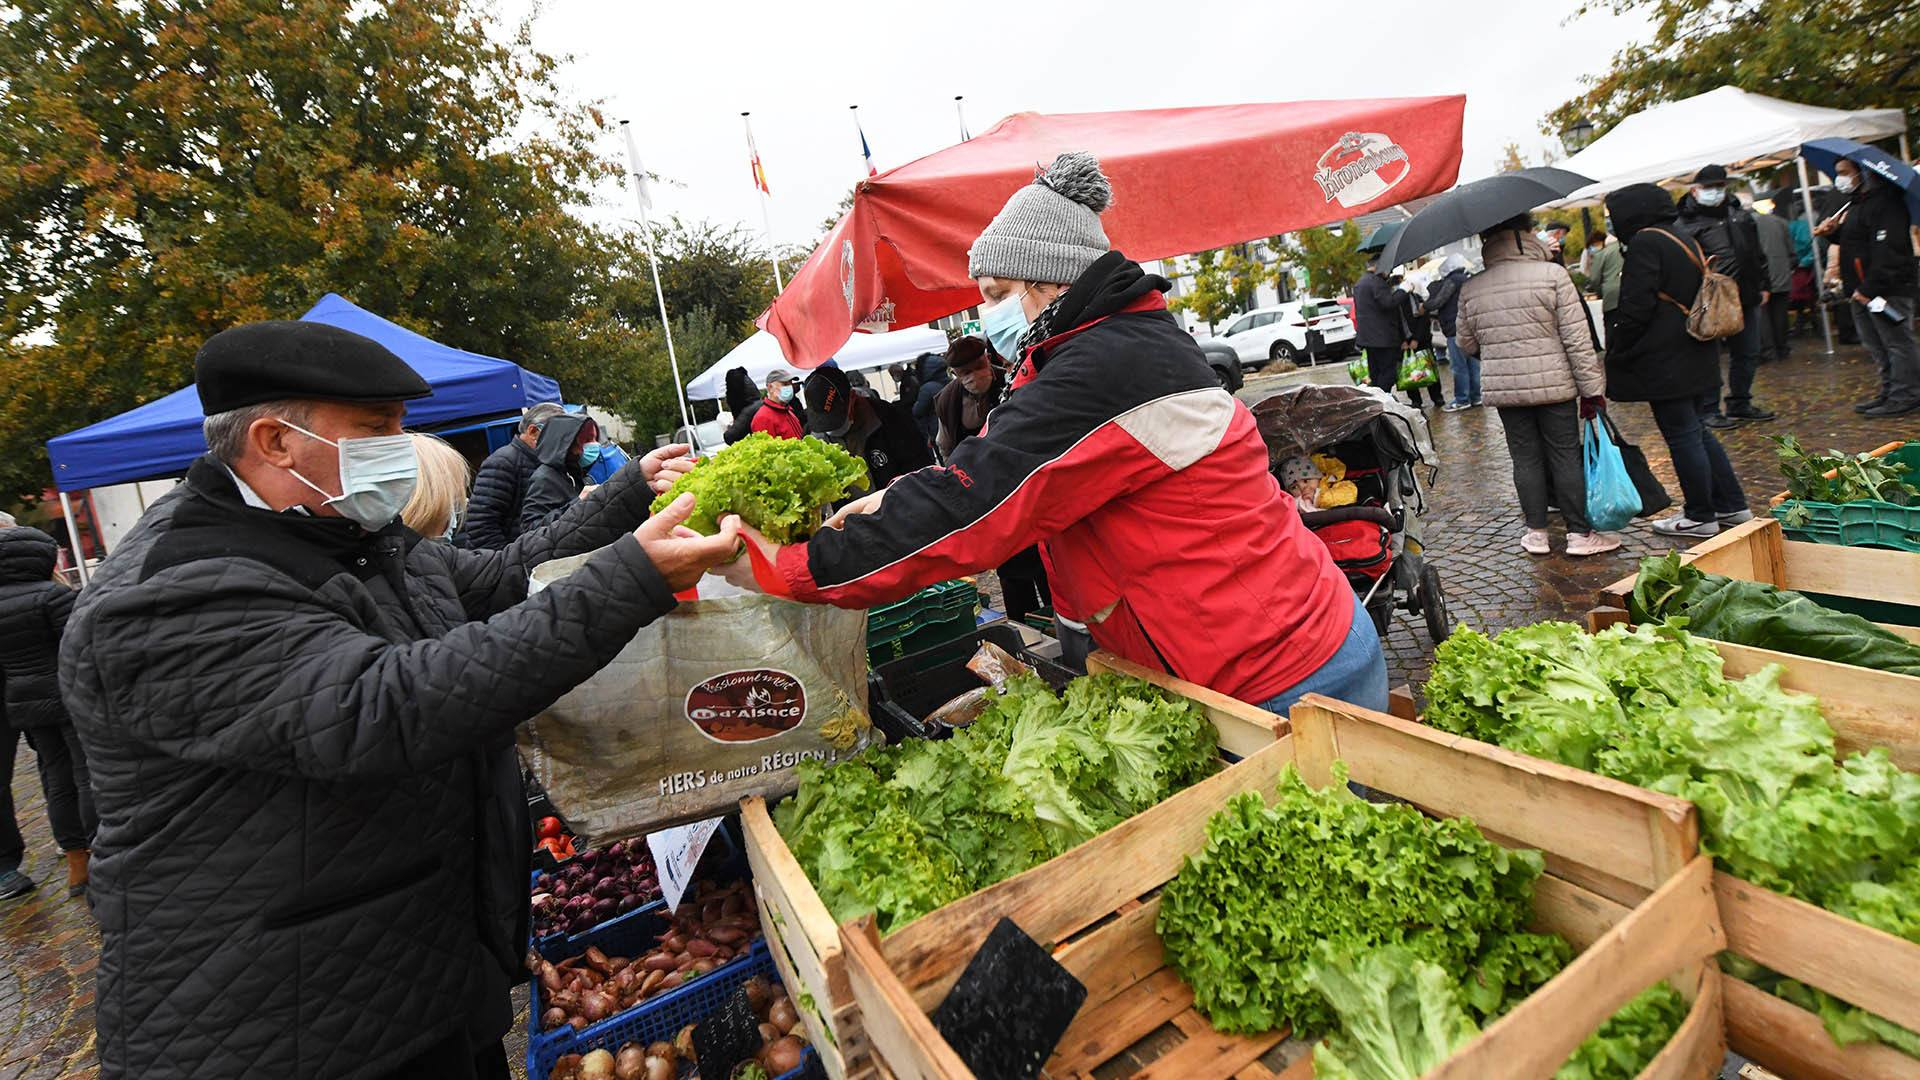 Zillisheim un nouveau marché de producteurs : Légumes et salades sur le stand de Jean Georges Sungauer